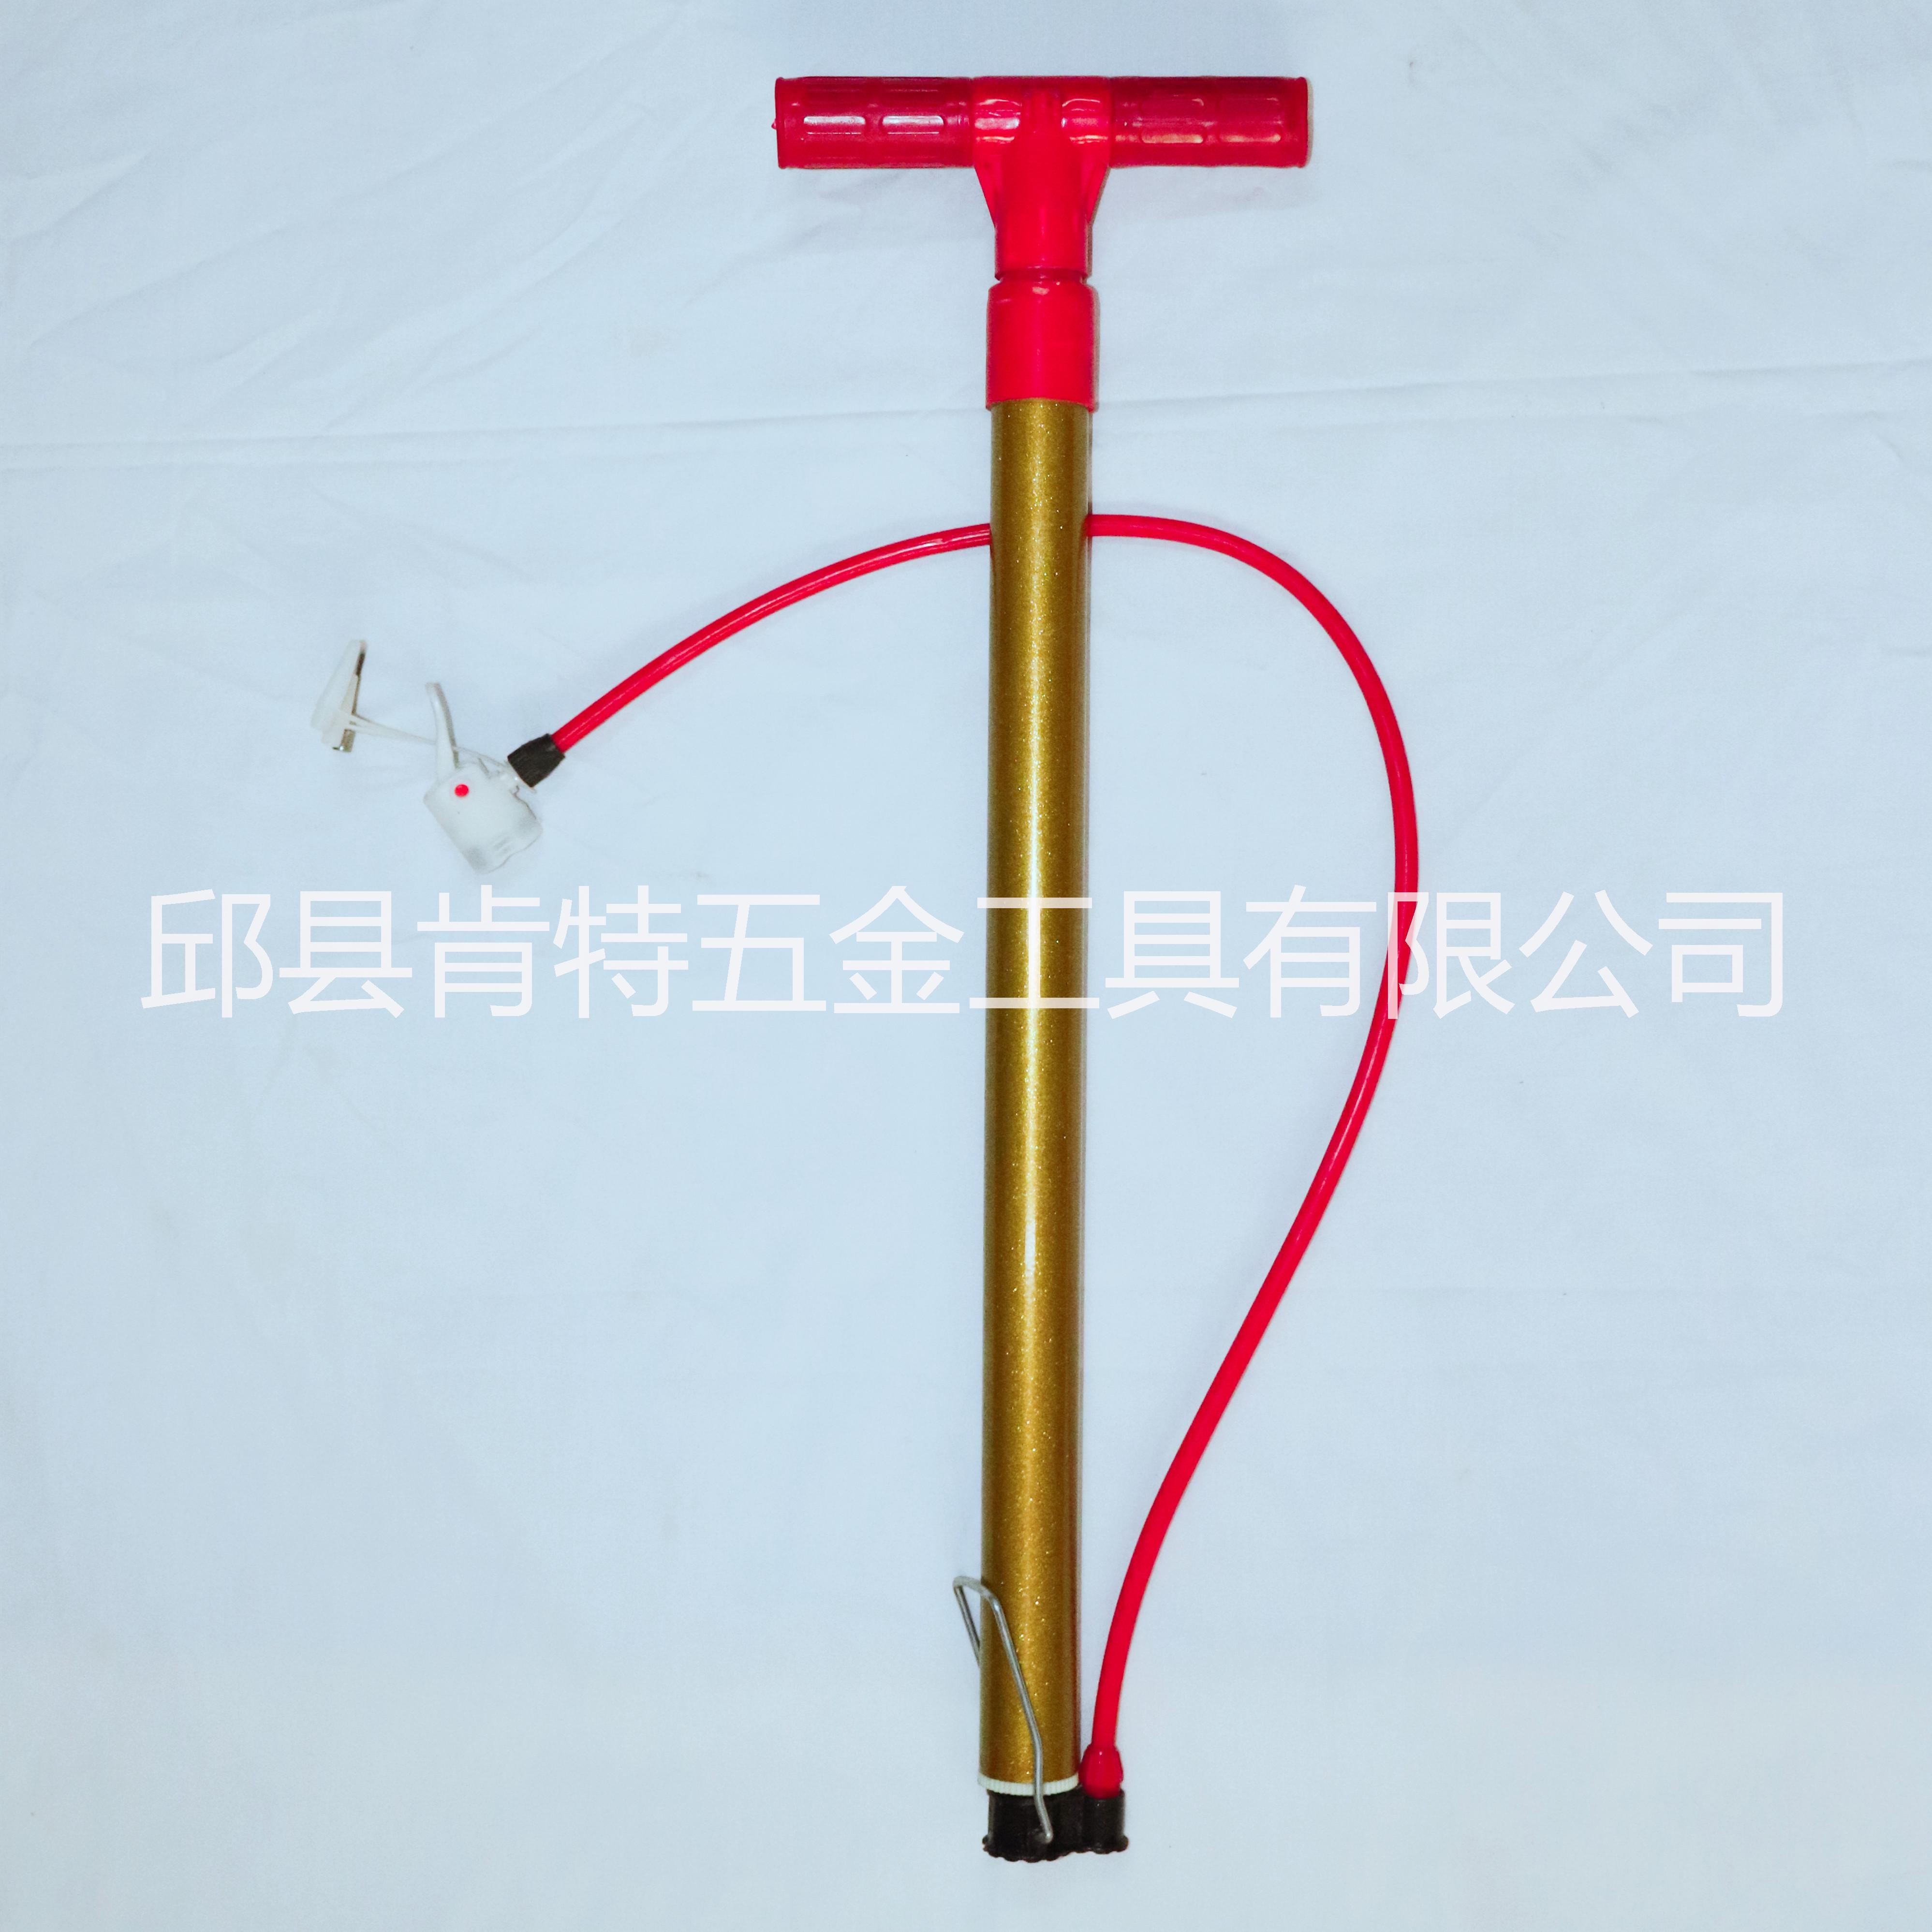 供应用于摩托车|非机动车的自行车打气筒多少钱一个 自行车打气筒厂家直销 自行车打气筒电话